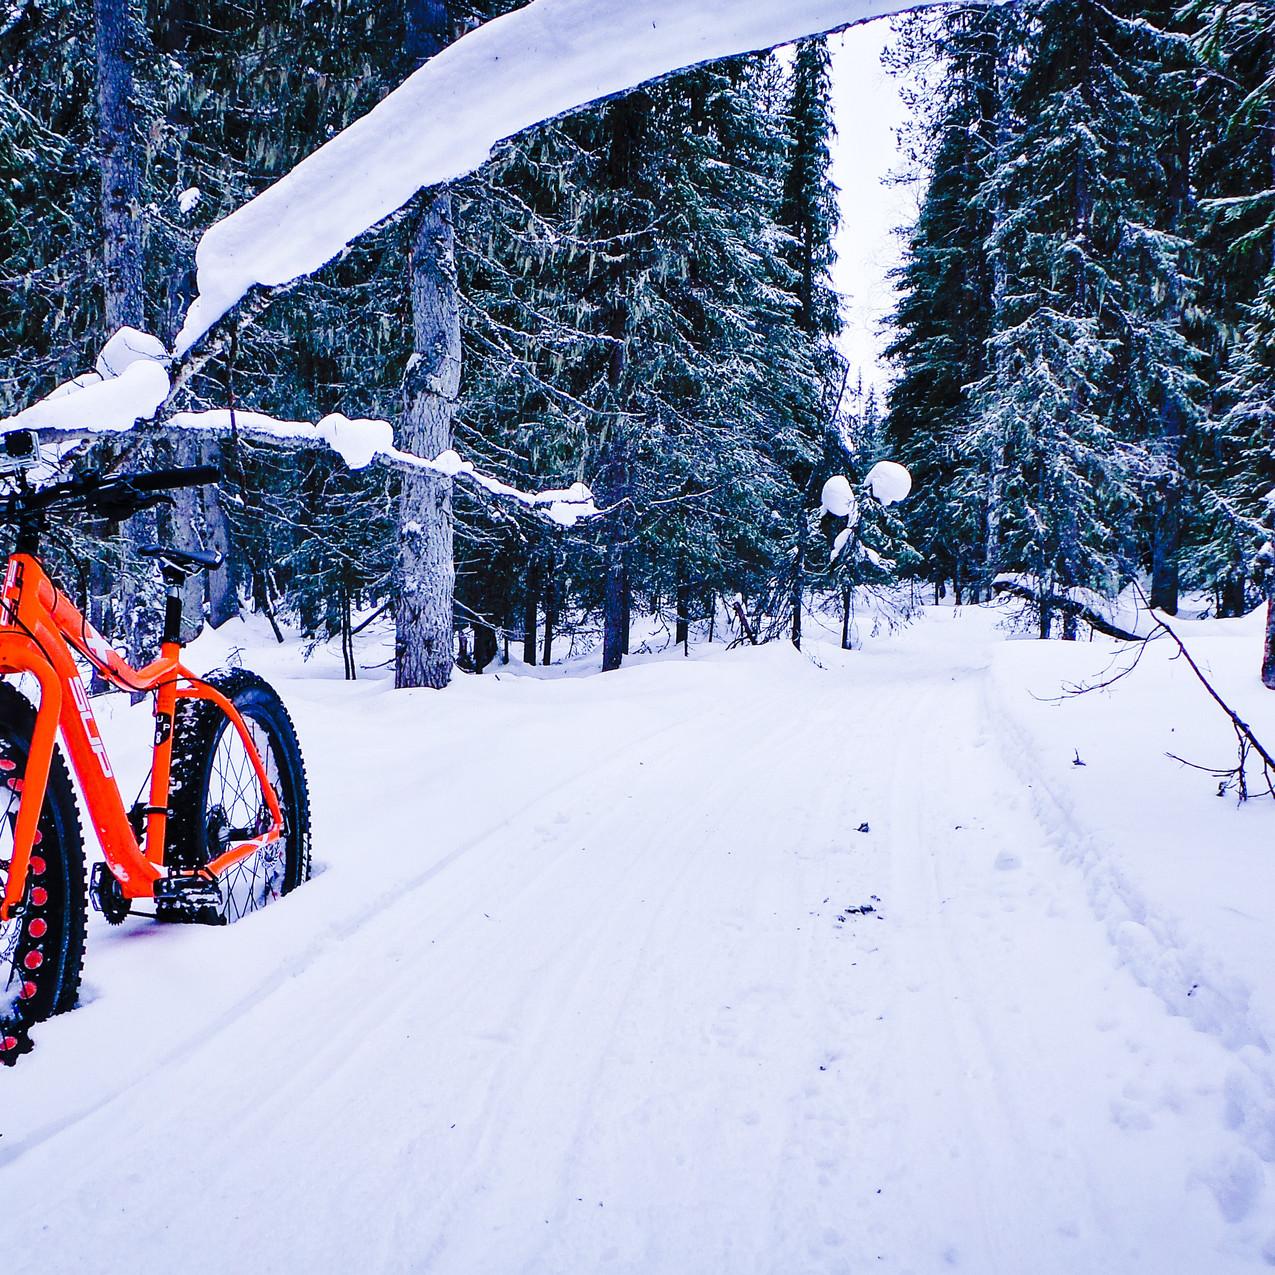 Fat Biking on the trails